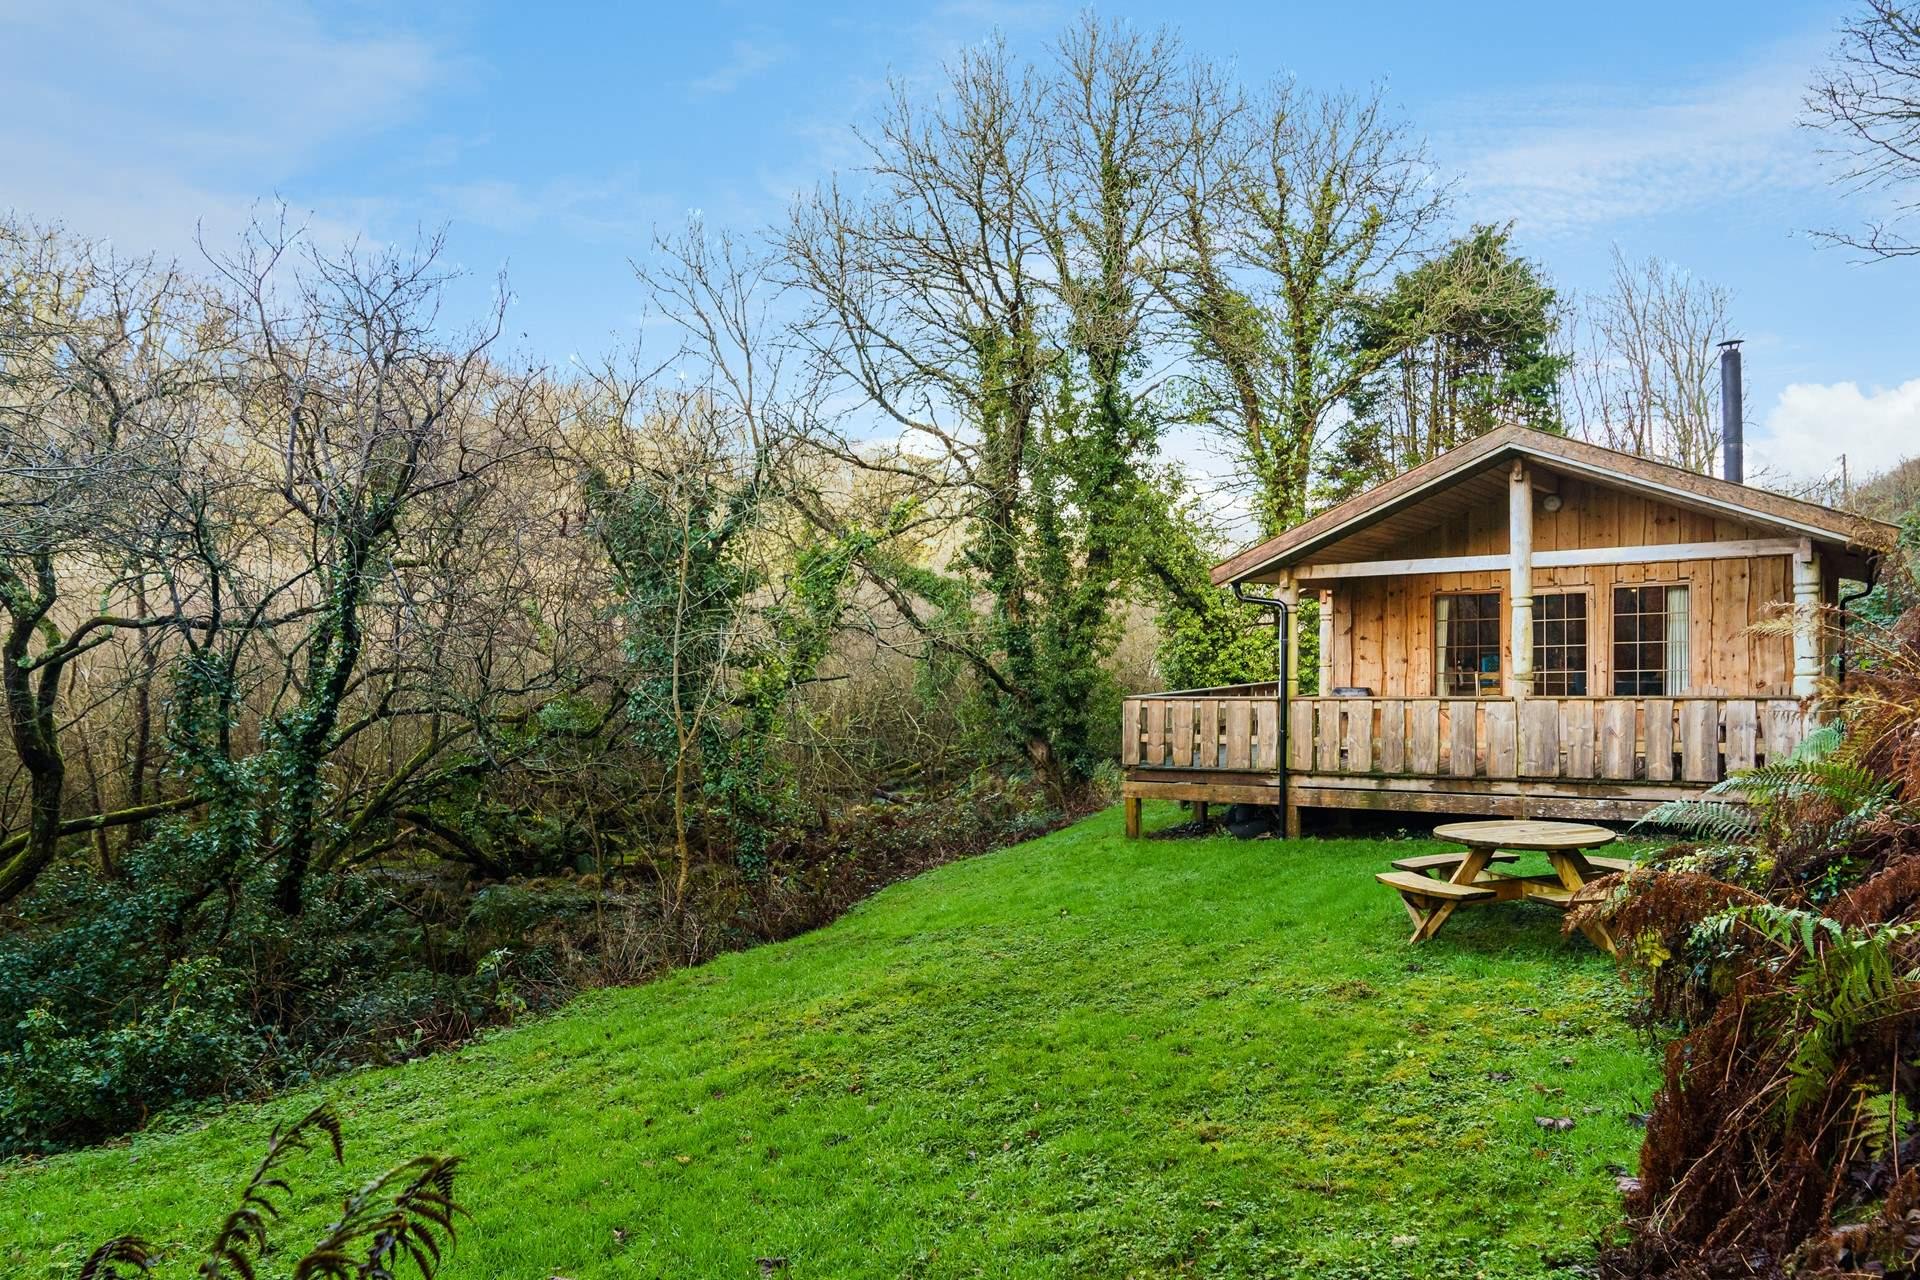 Log cabin at Cwm yr Eglwys, Pembrokeshire